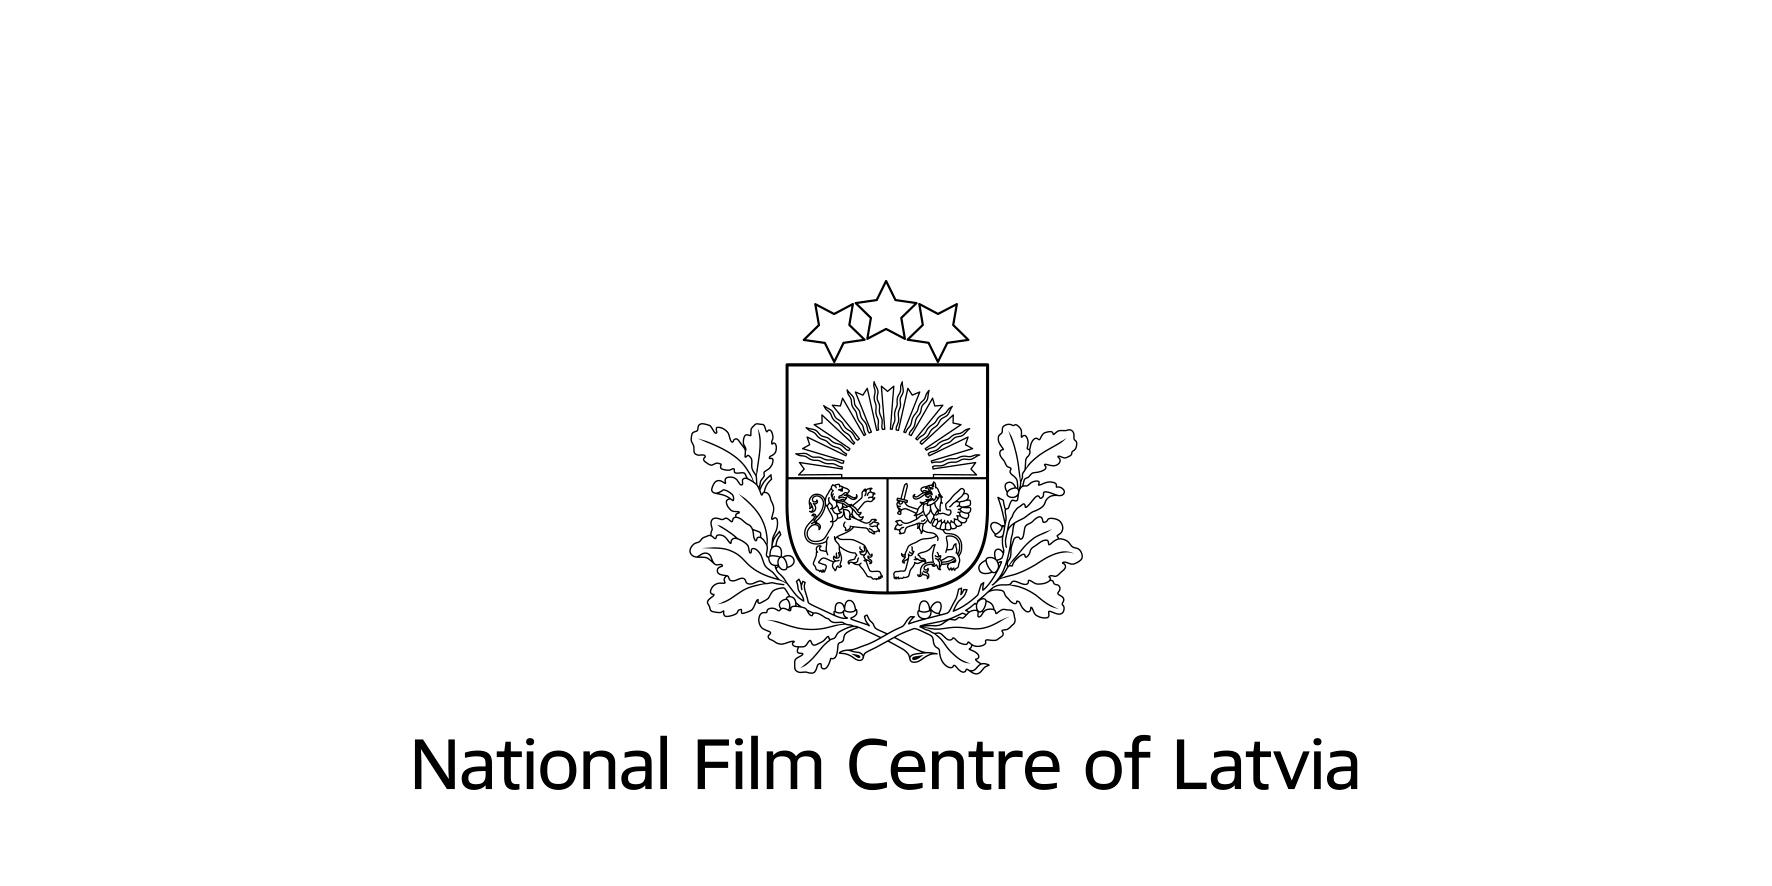 2 National film center of latvia_EN.jpg (4)